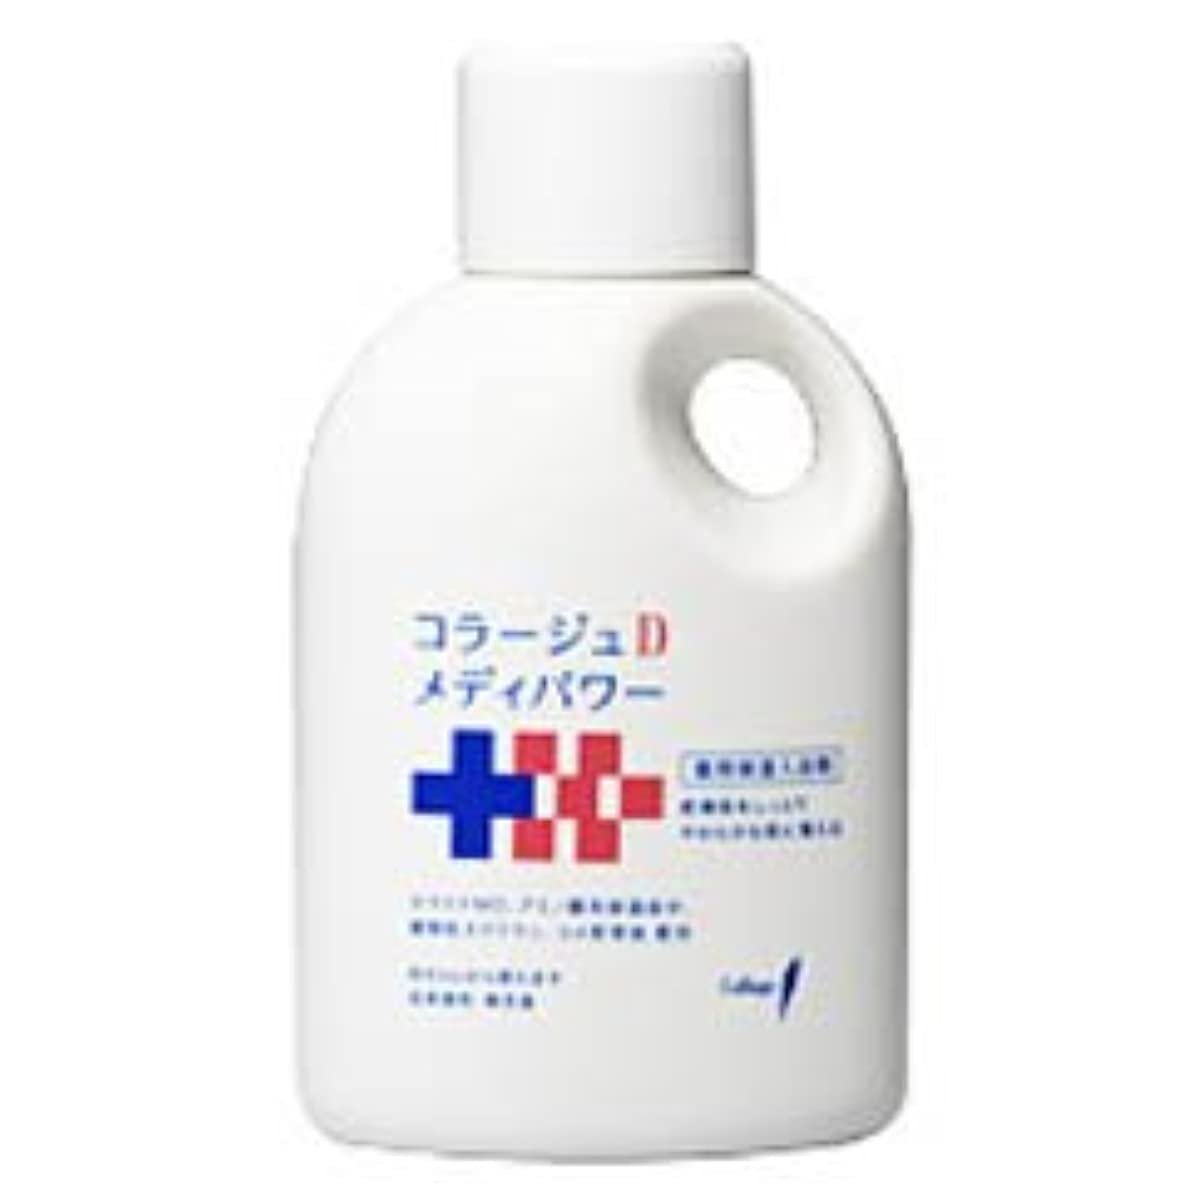 島海上チャンピオン【持田ヘルスケア】コラージュD メディパワー 保湿入浴液 500ml